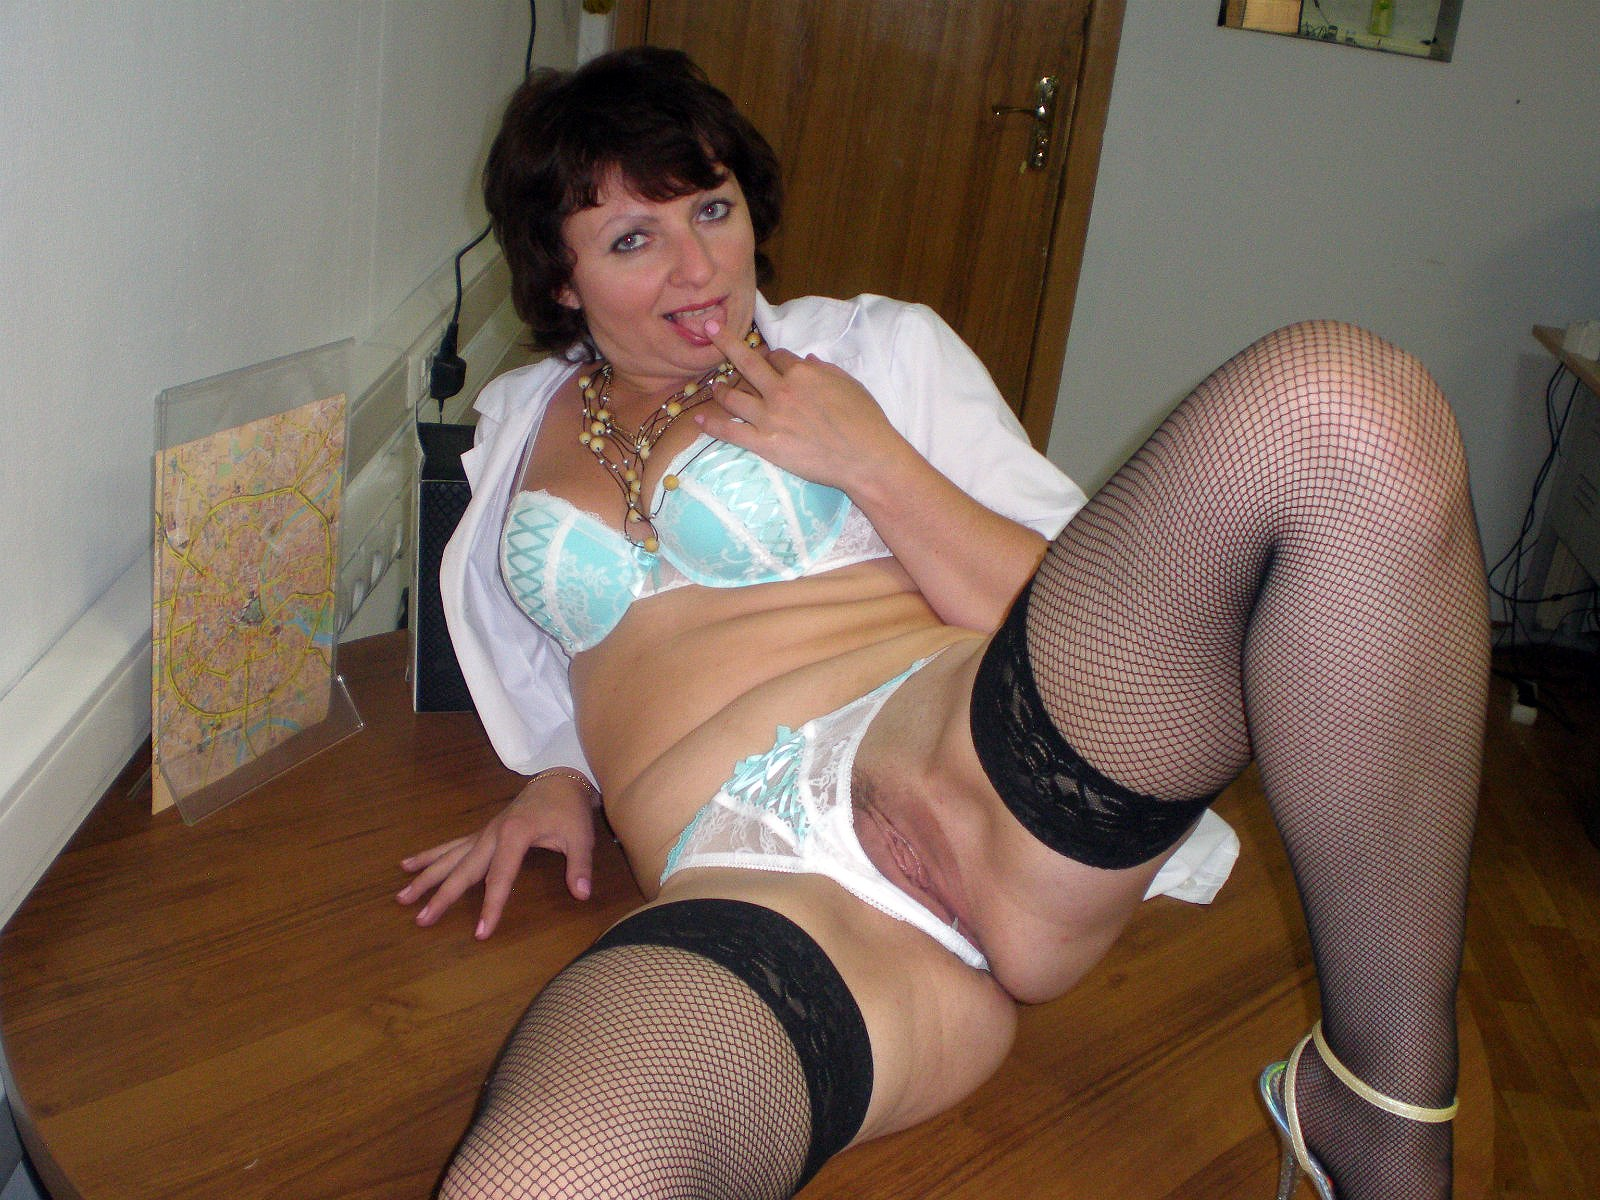 Фото зрелой женщины из москвы 7 фотография